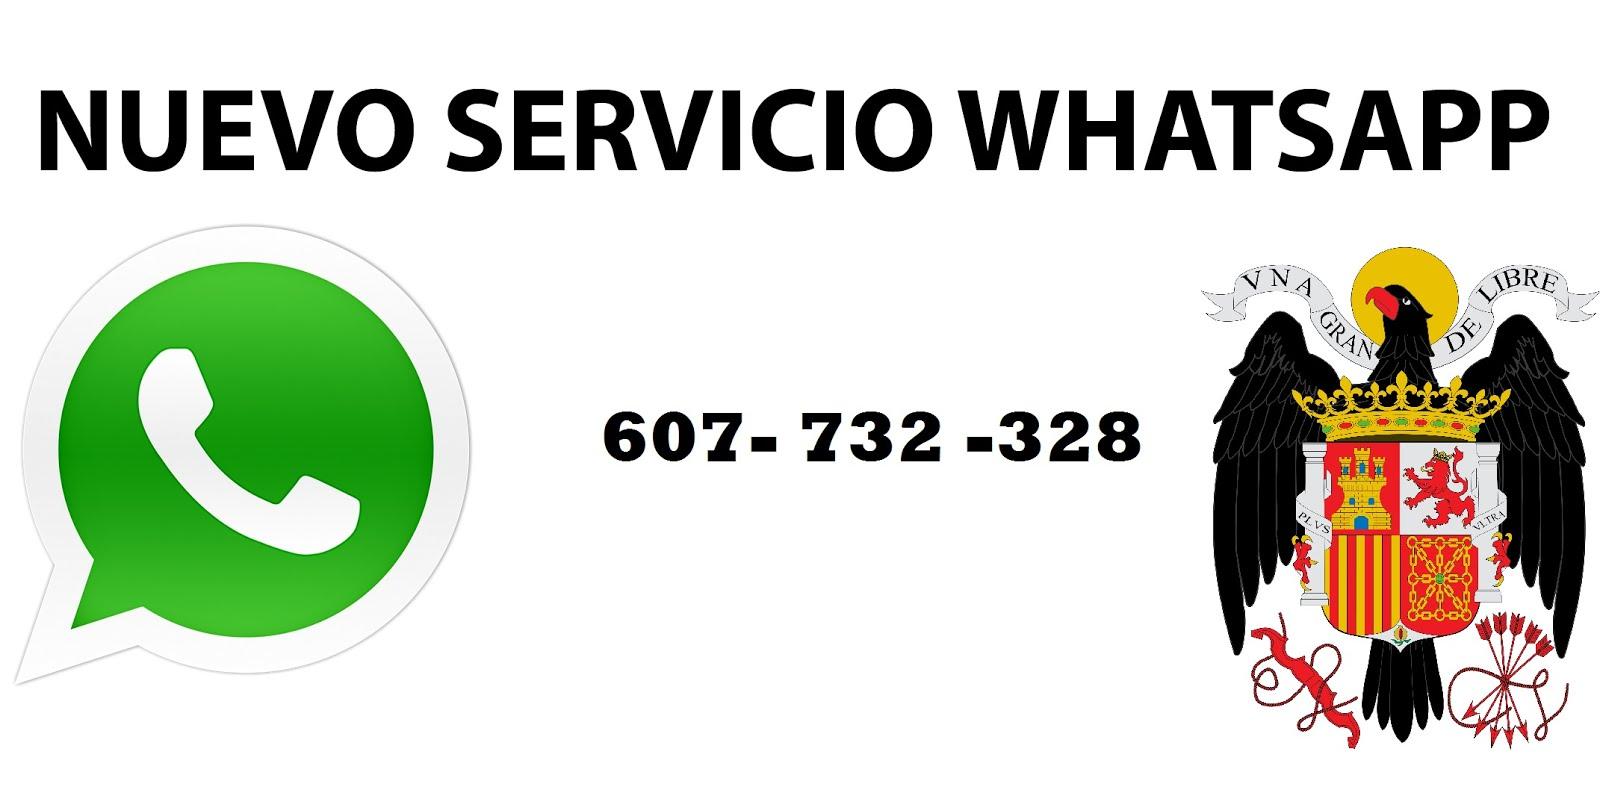 Nuevo servicio Wharsapp